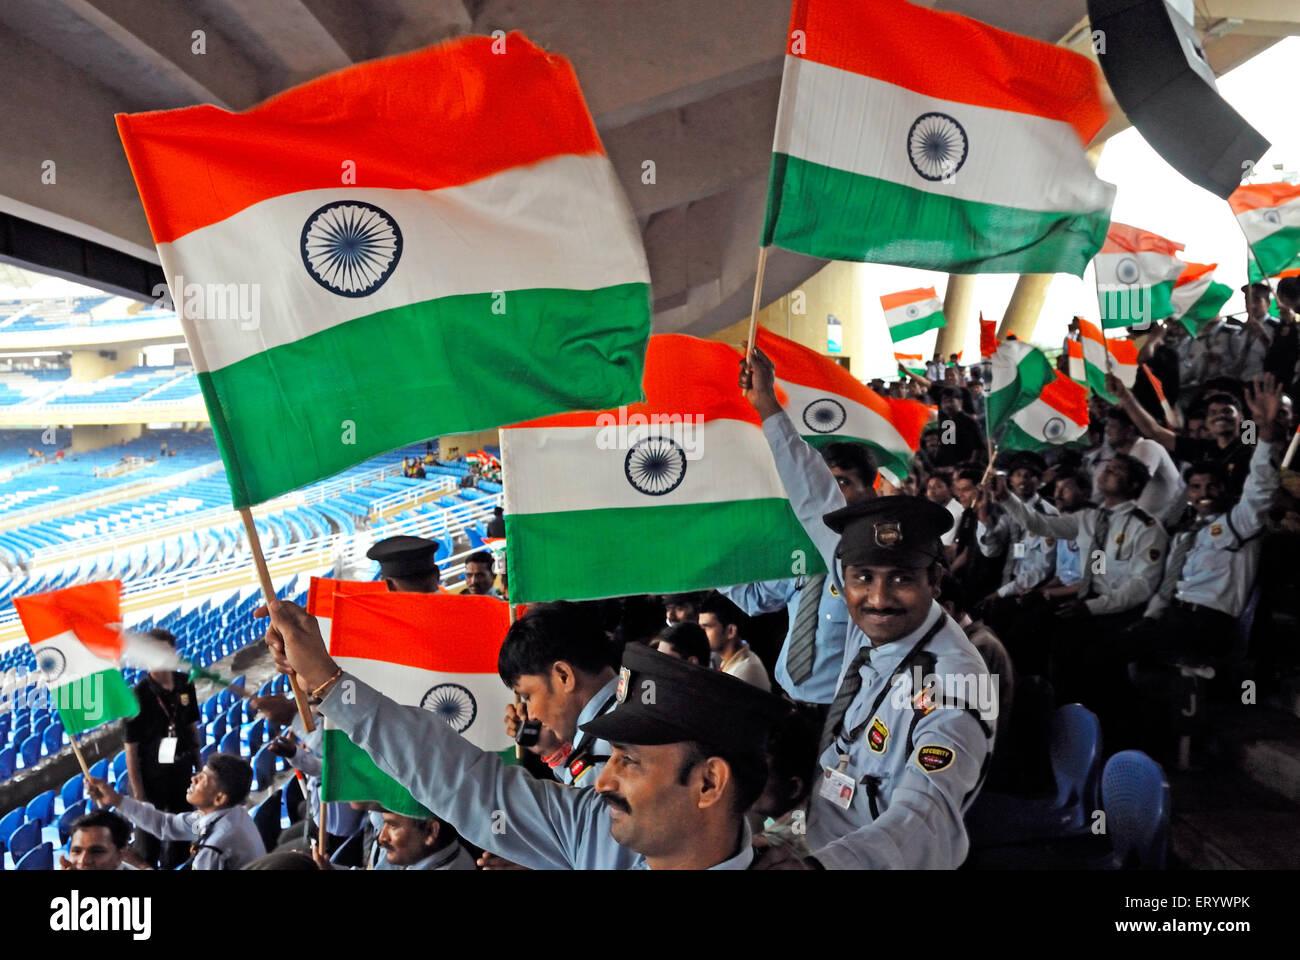 Indian Flag Cricket: Navi Mumbai Stock Photos & Navi Mumbai Stock Images